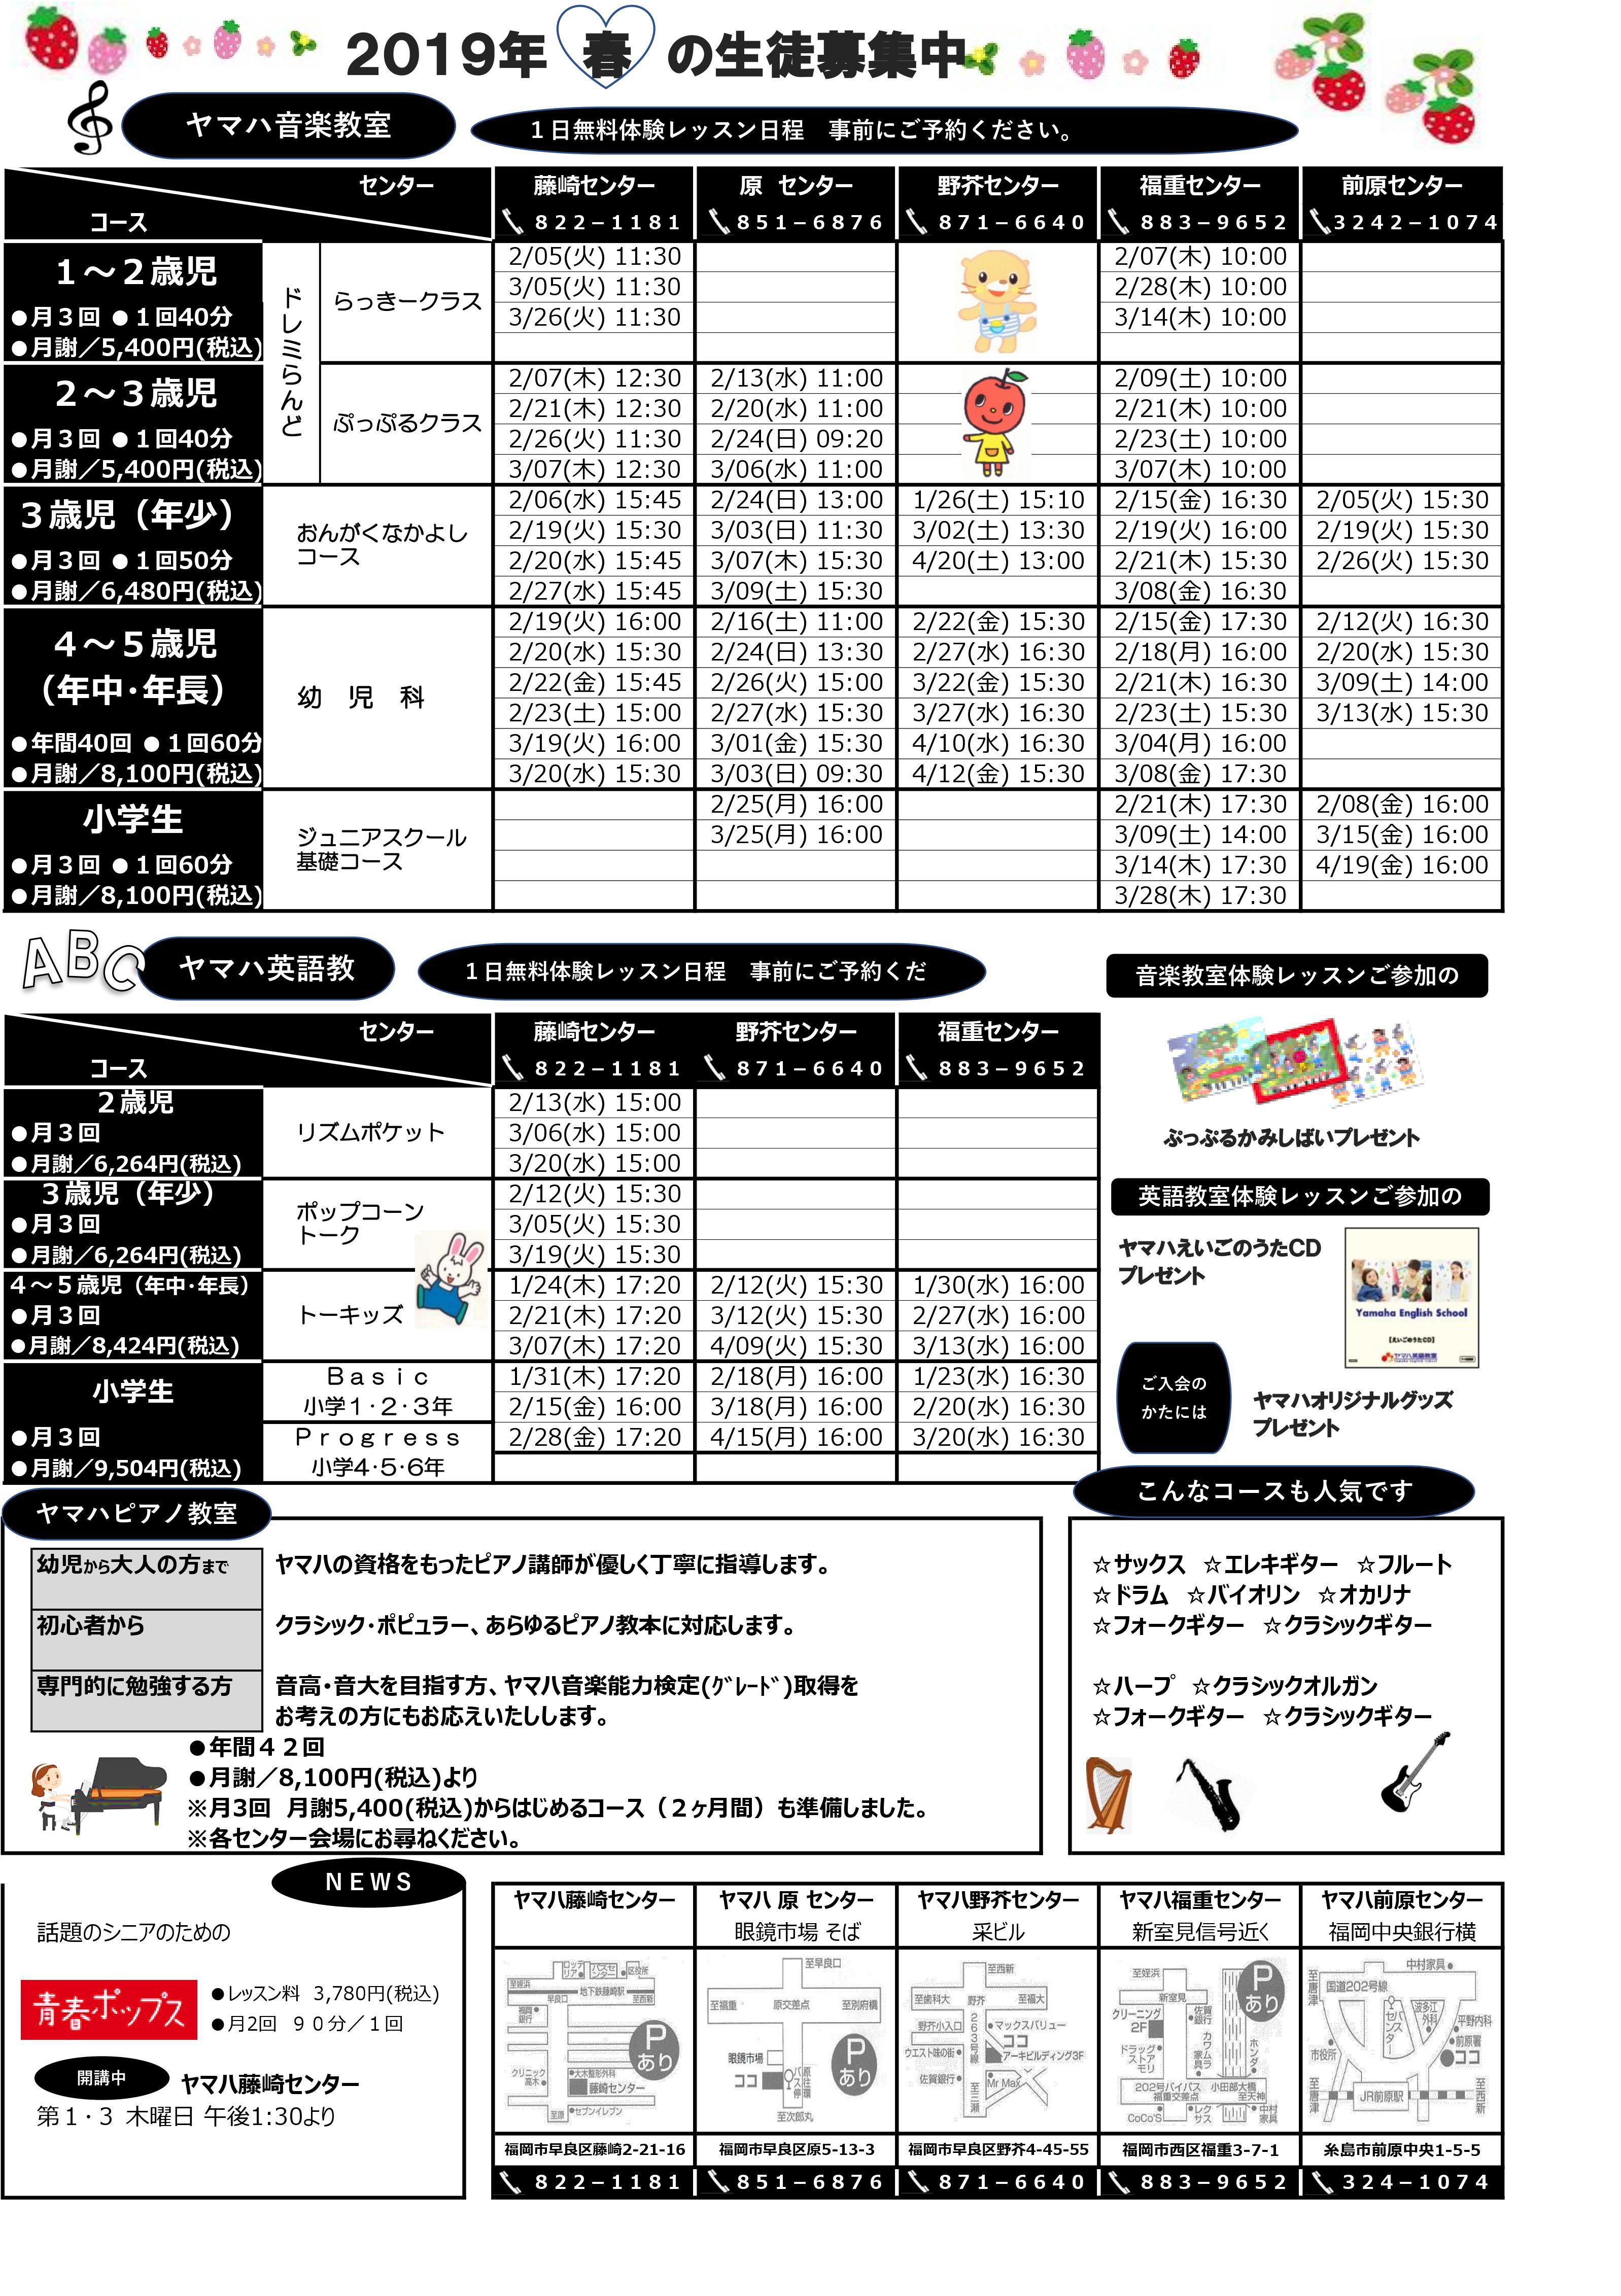 藤崎本店エリア2019年春募集チラシ